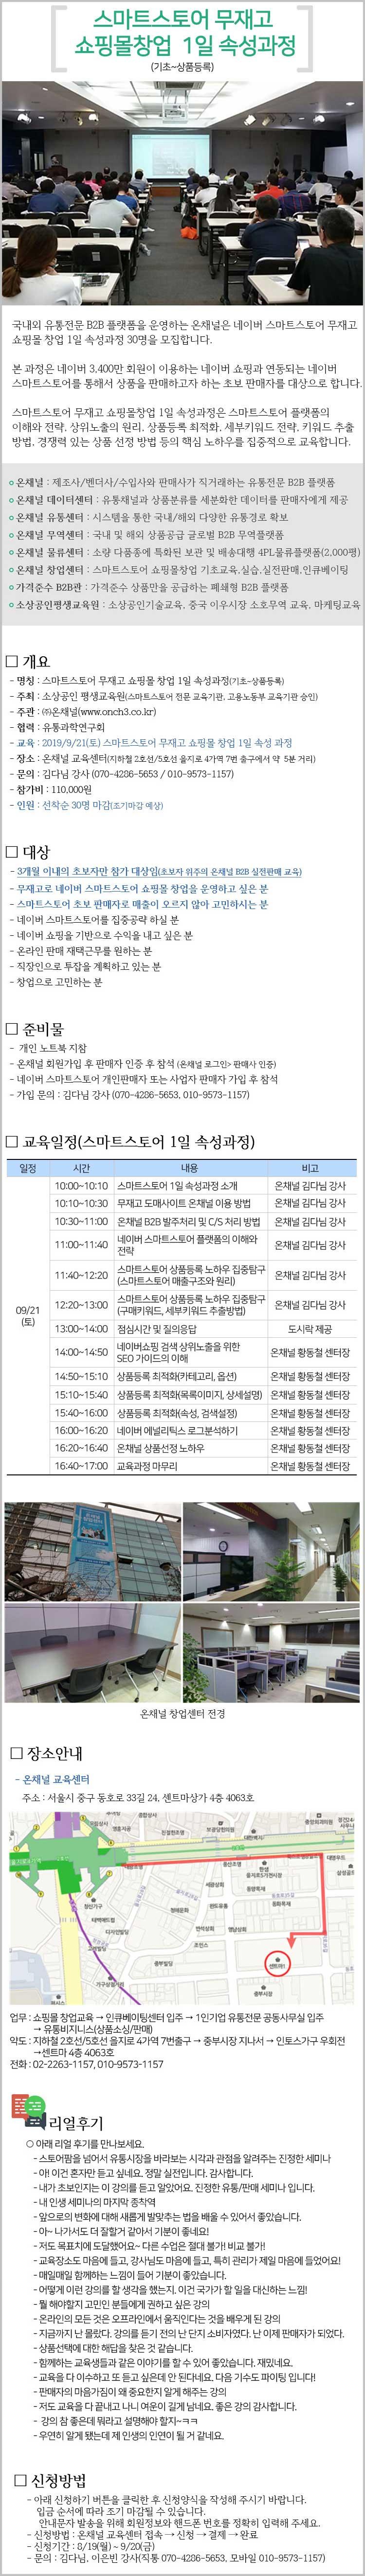 9월 21일 속성_커리큘럼.jpg